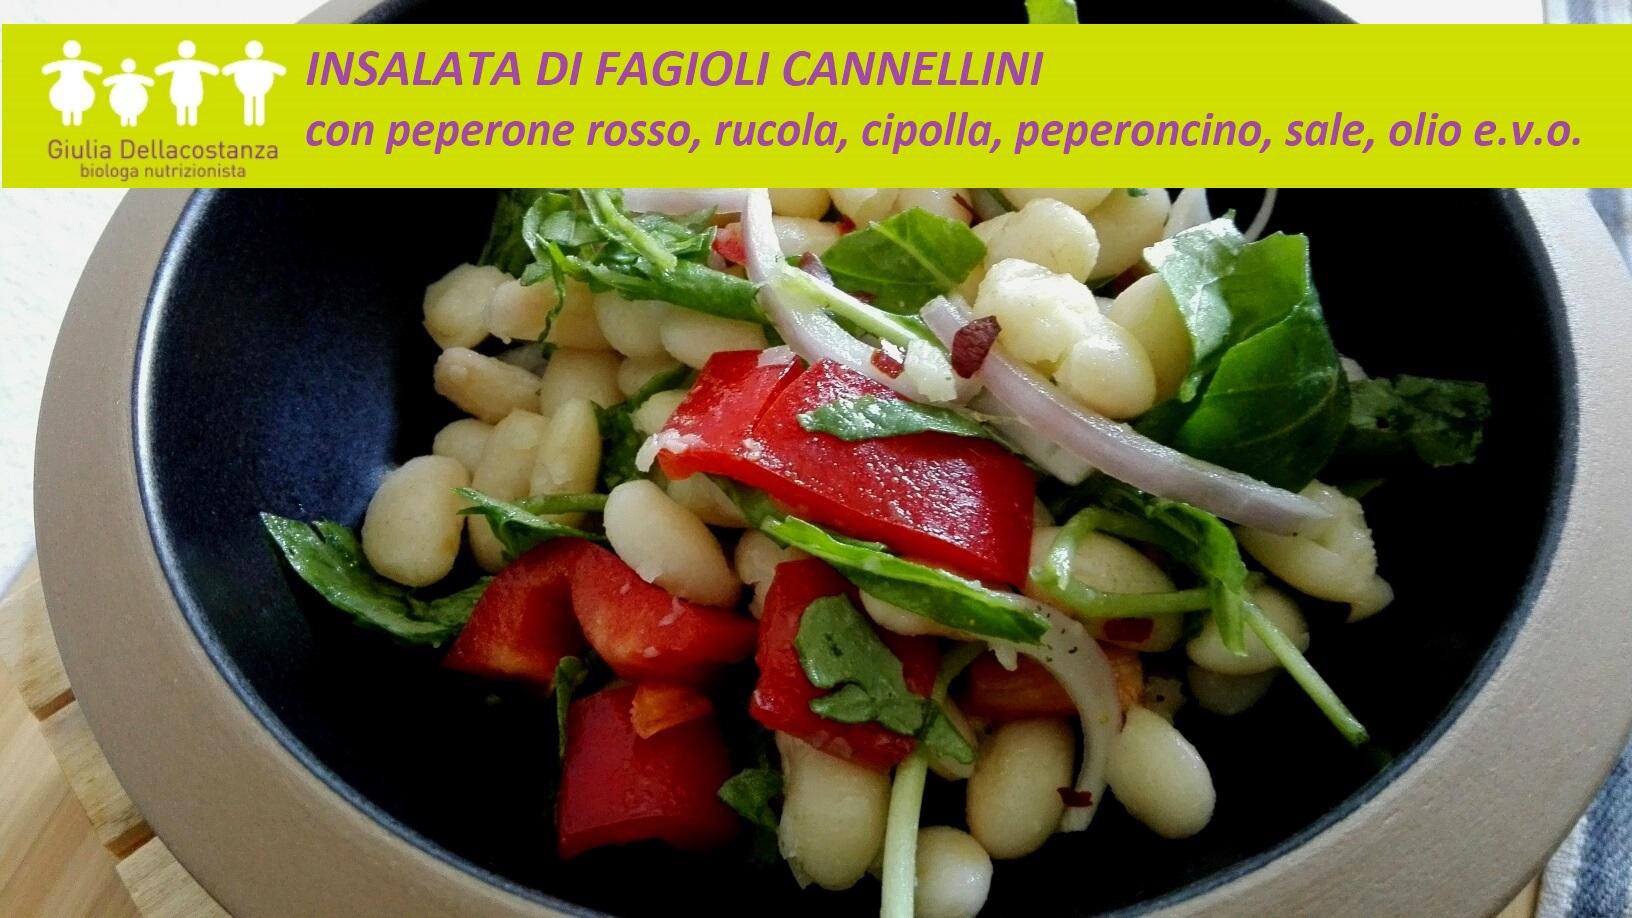 insalata di fagioli cannellini, peperone rosso, cipolla e rucola